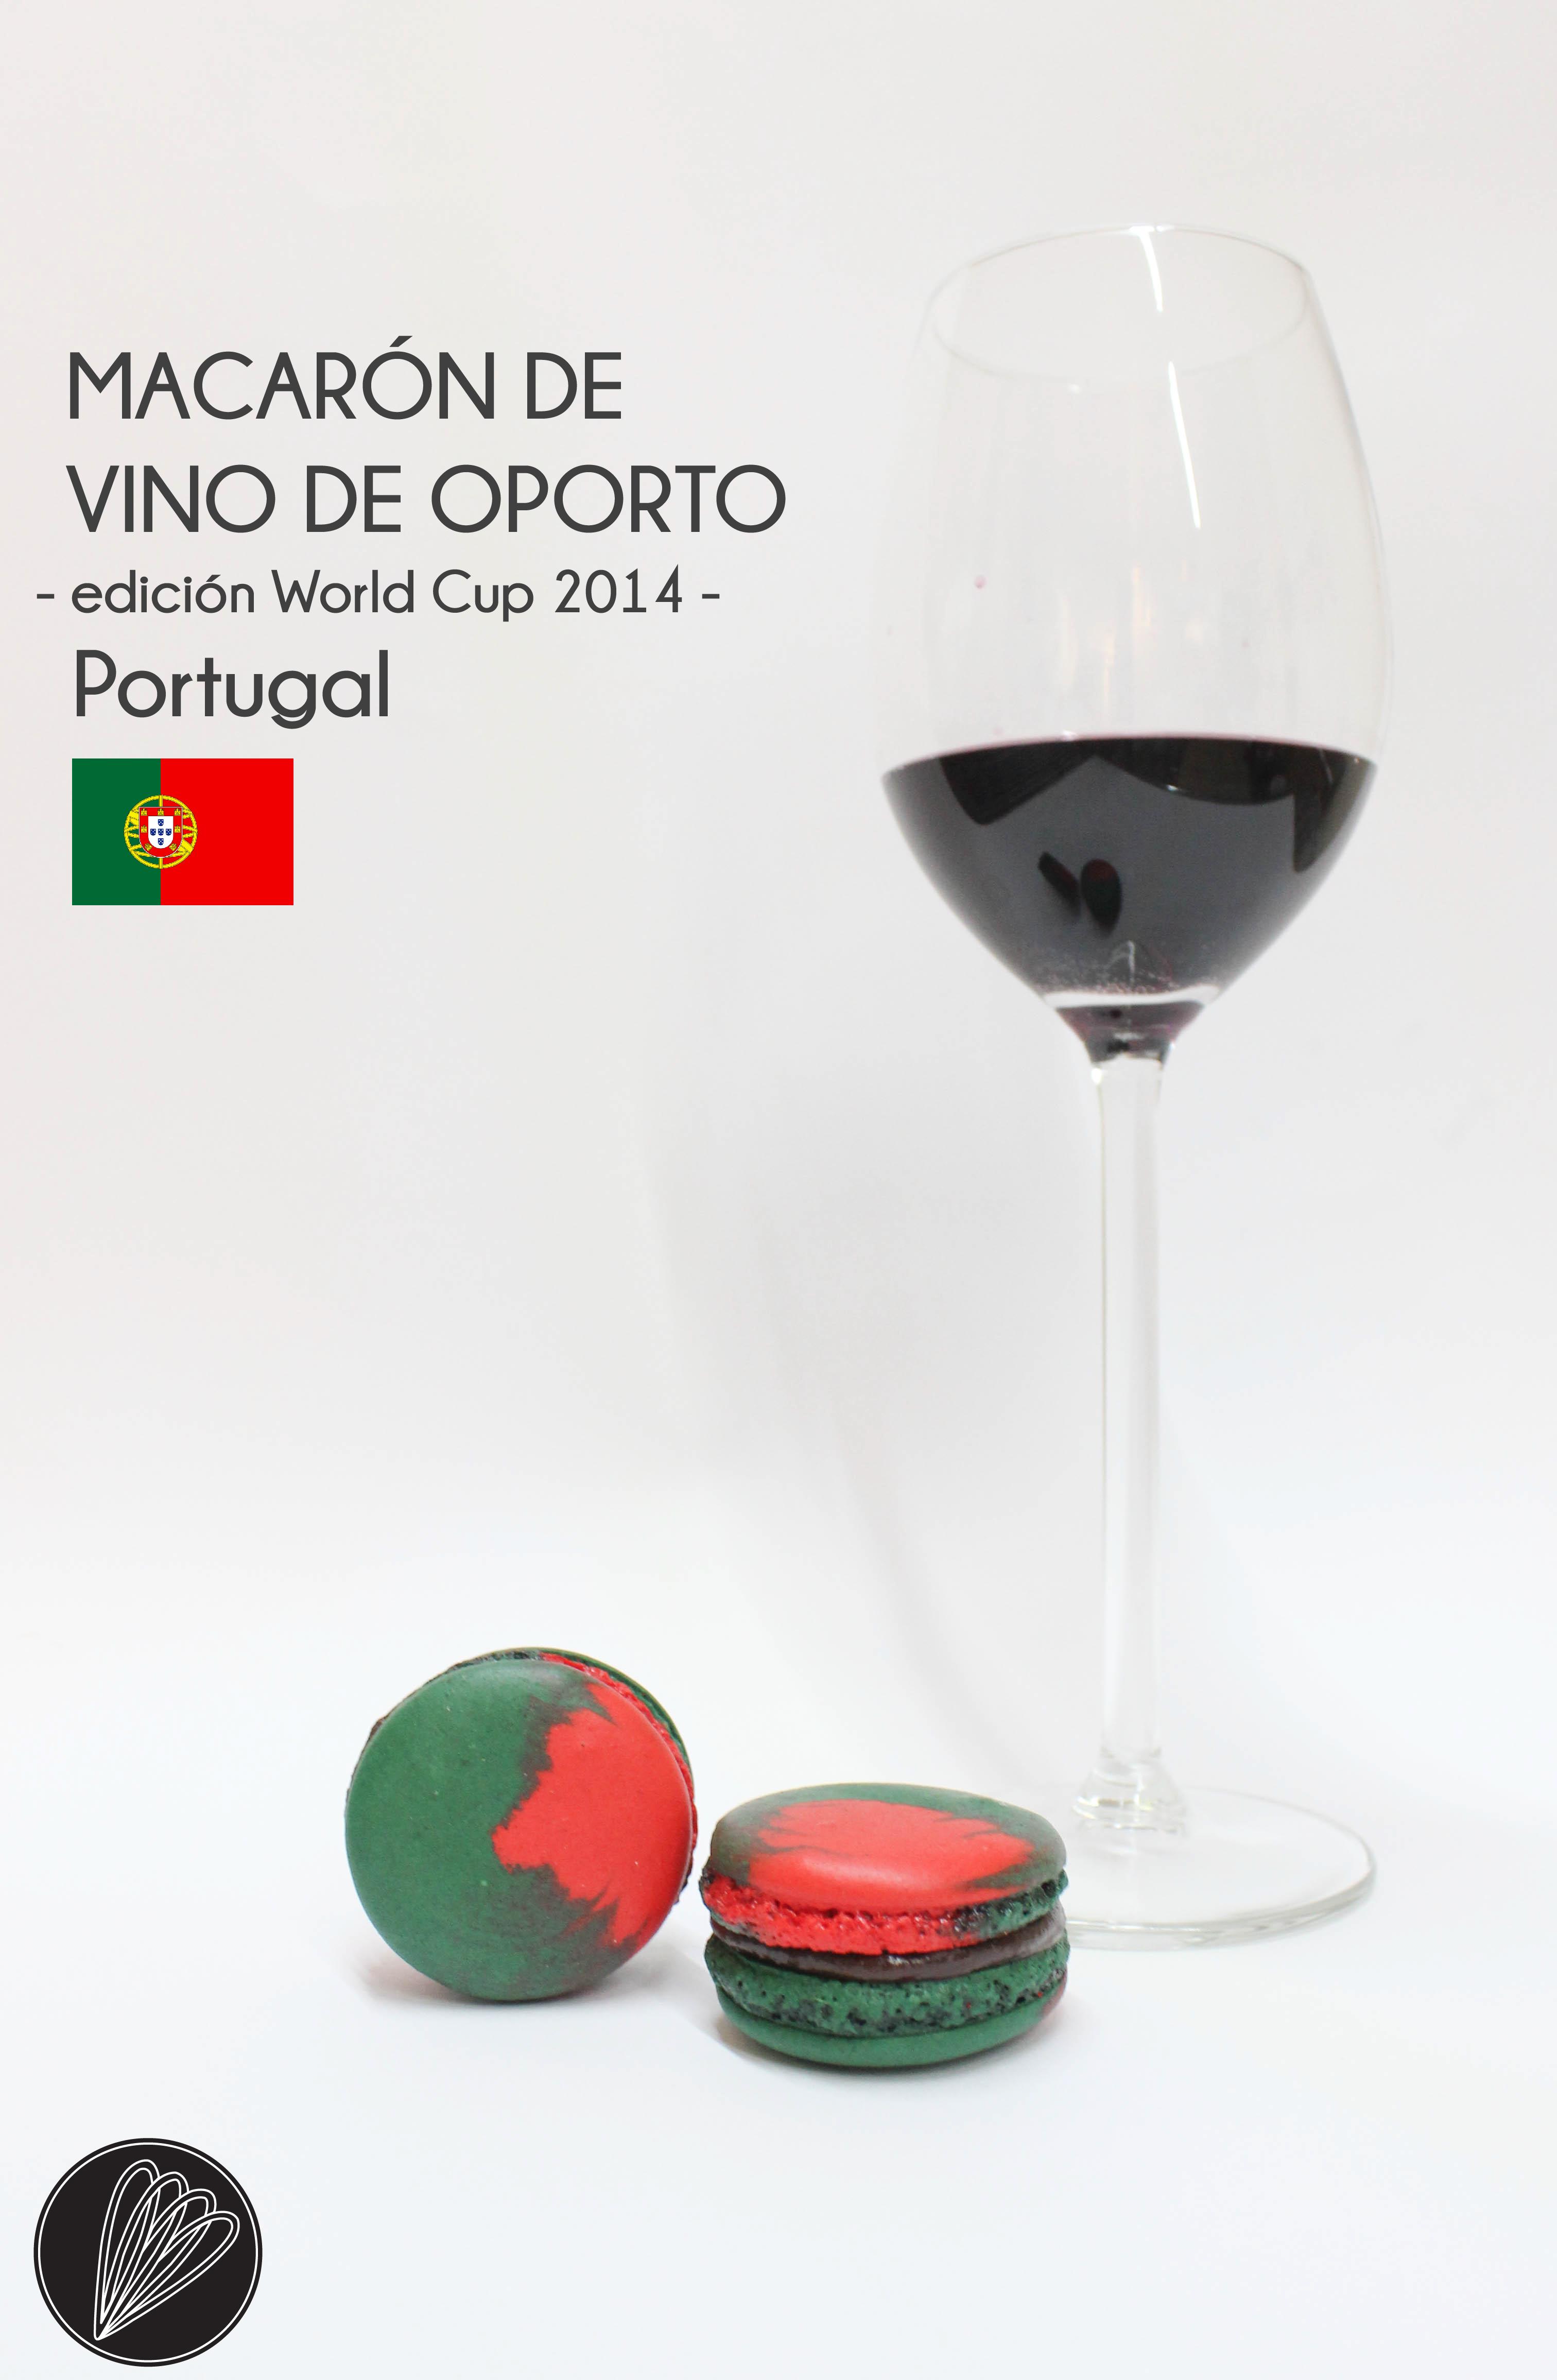 Macarón de Portugal